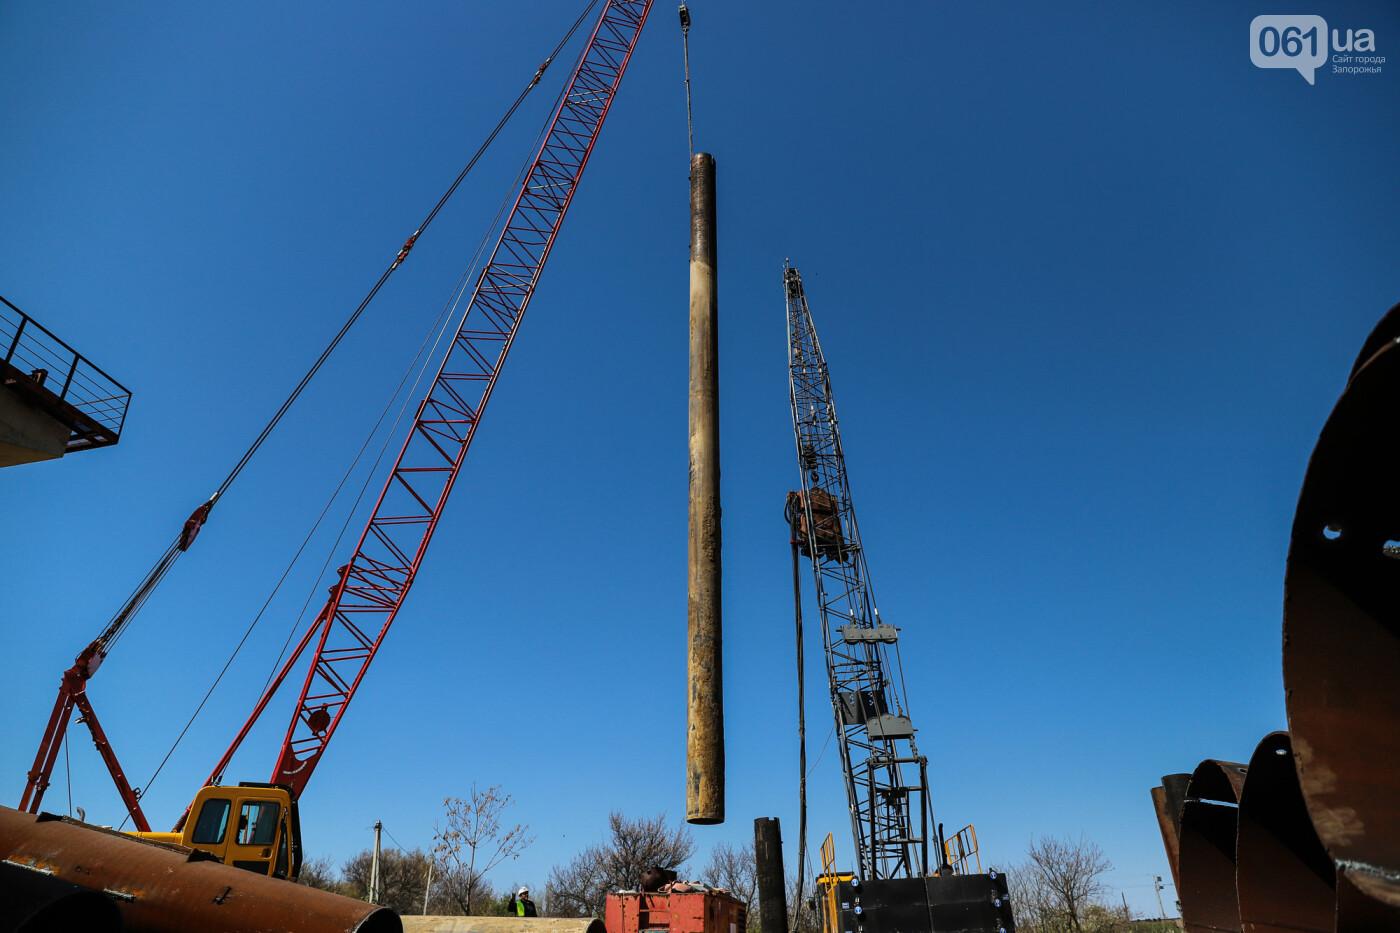 На запорожские мосты выделено 2,7 миллиарда: что сейчас проиходит стройплощадке, - ФОТОРЕПОРТАЖ, фото-27